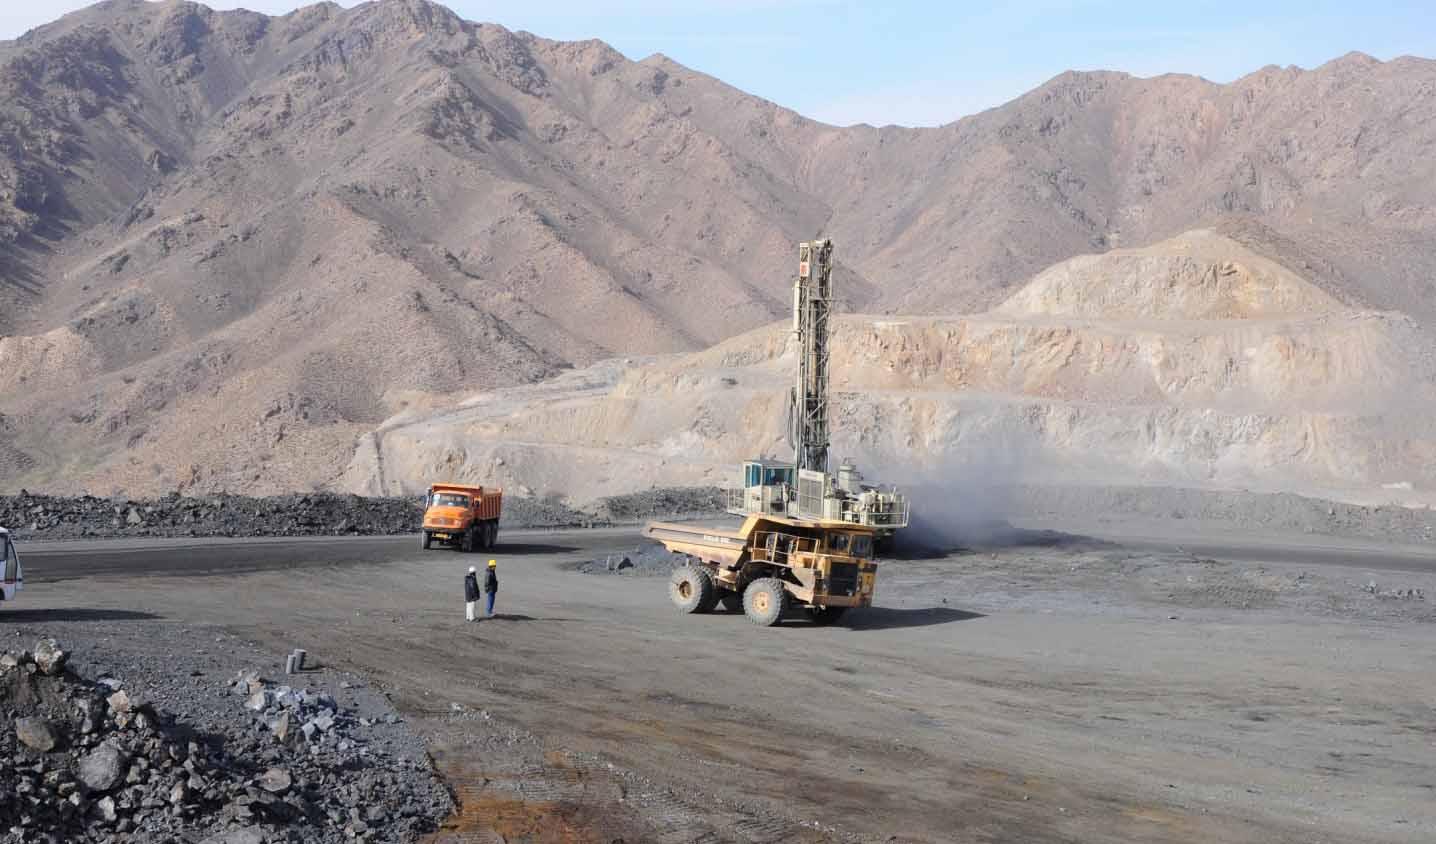 خام فروشی سنگ آهن را سال آینده به صفر کاهش میدهیم/ عوارض صادرات بر روی زنجیره باید برداشته شود